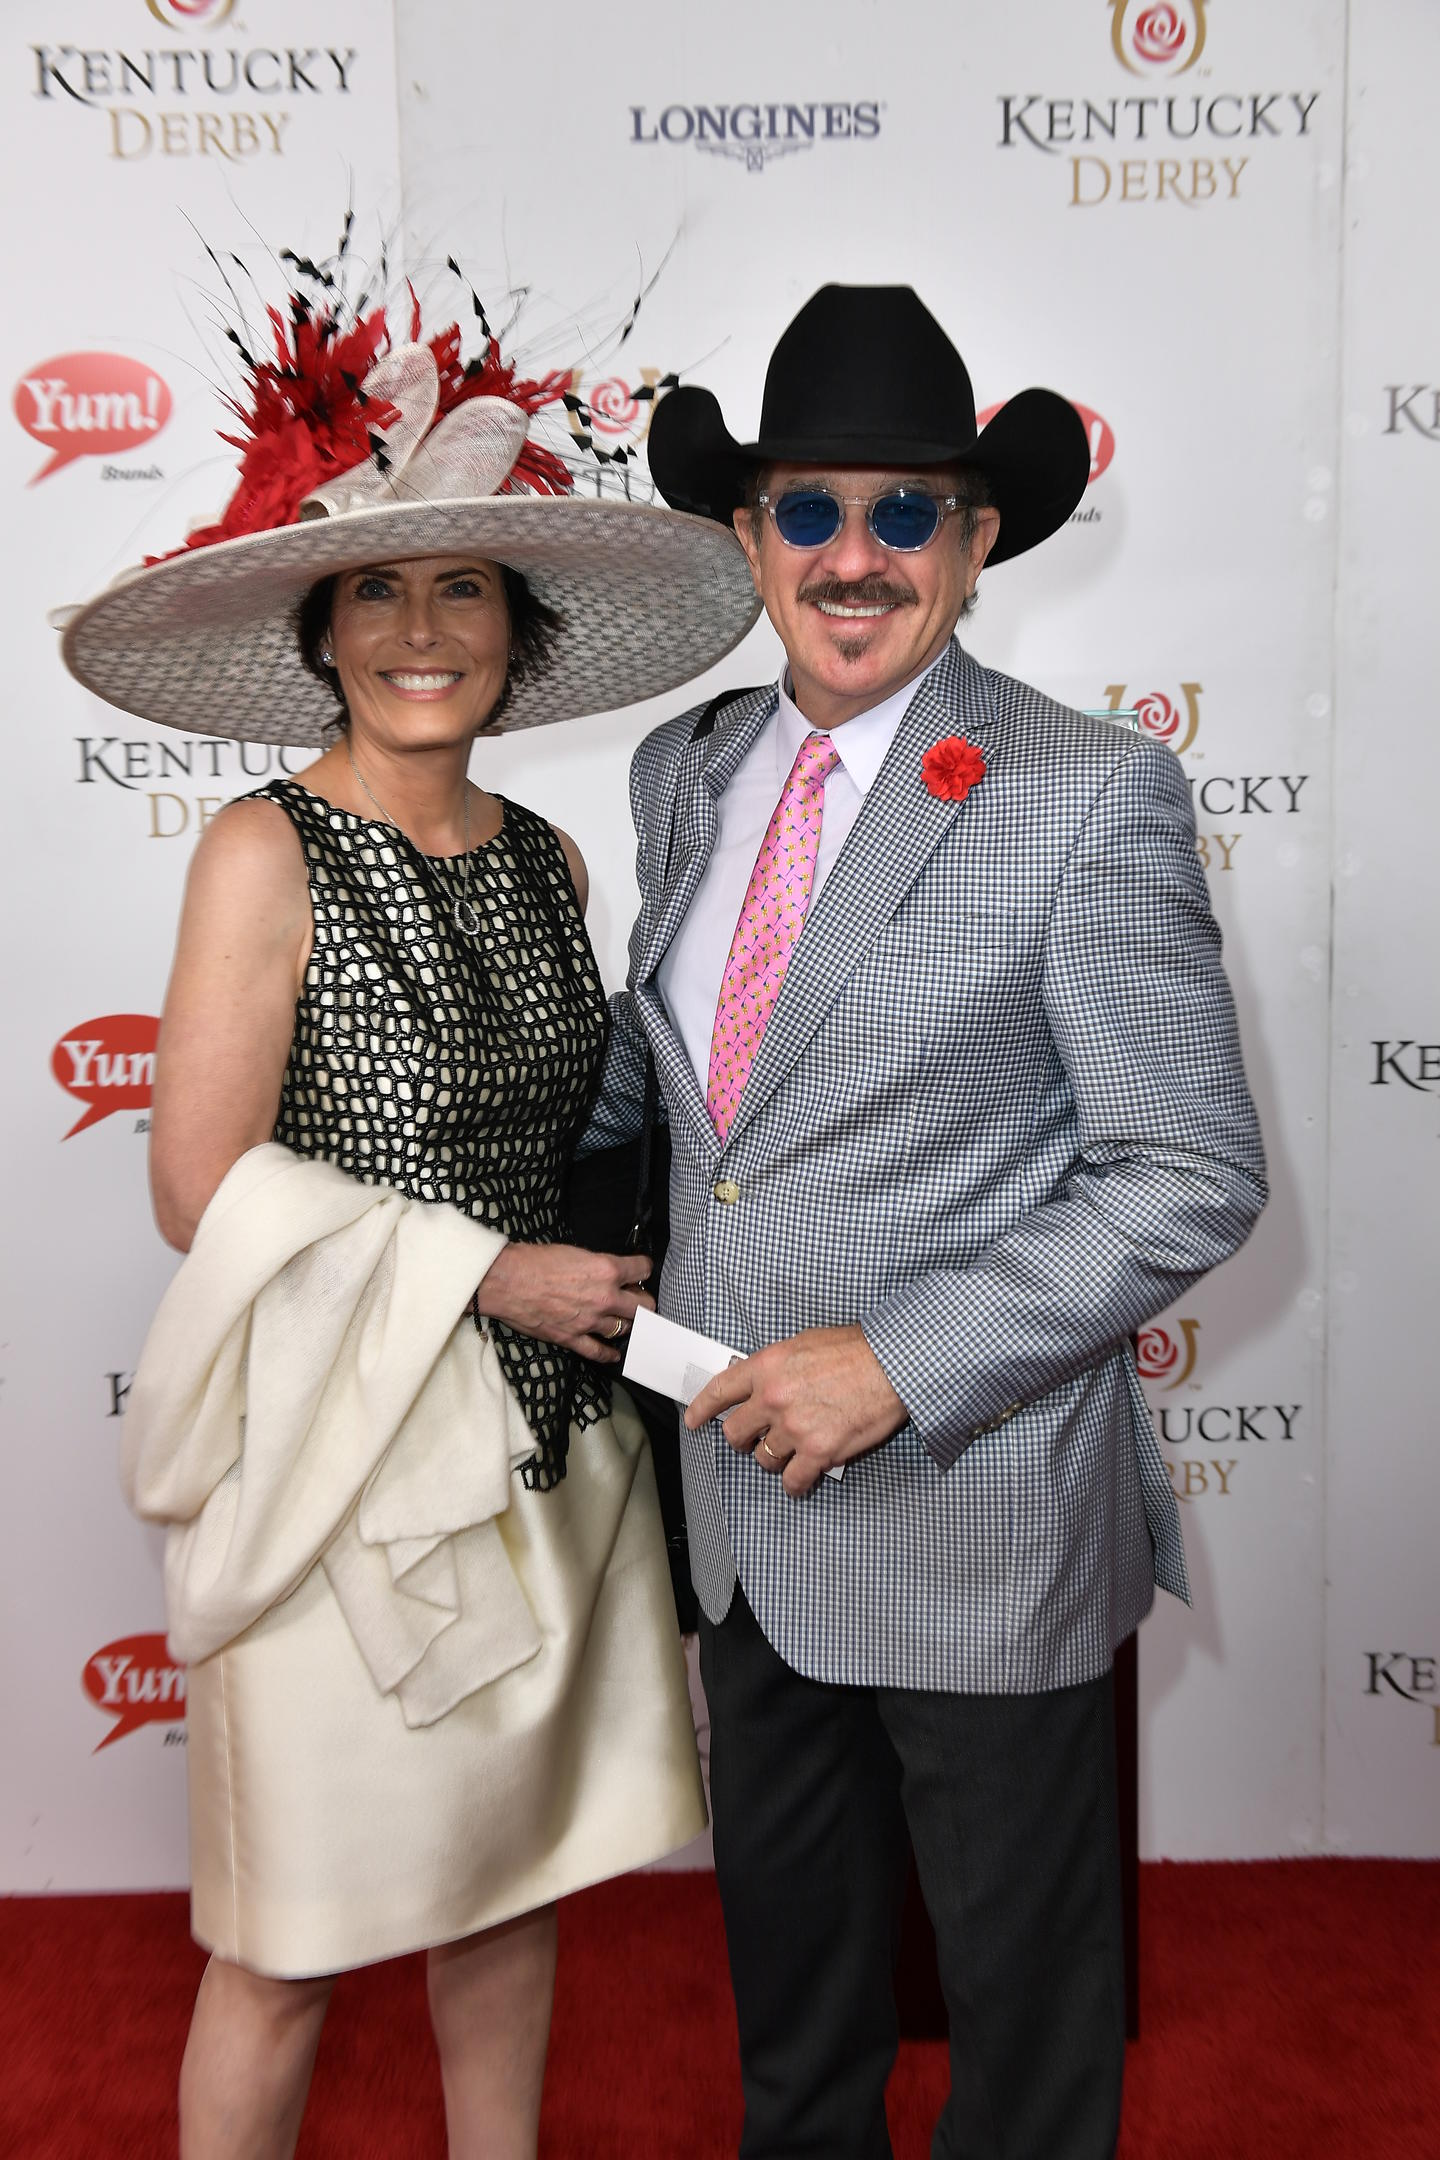 143rd Kentucky Derby - Red Carpet